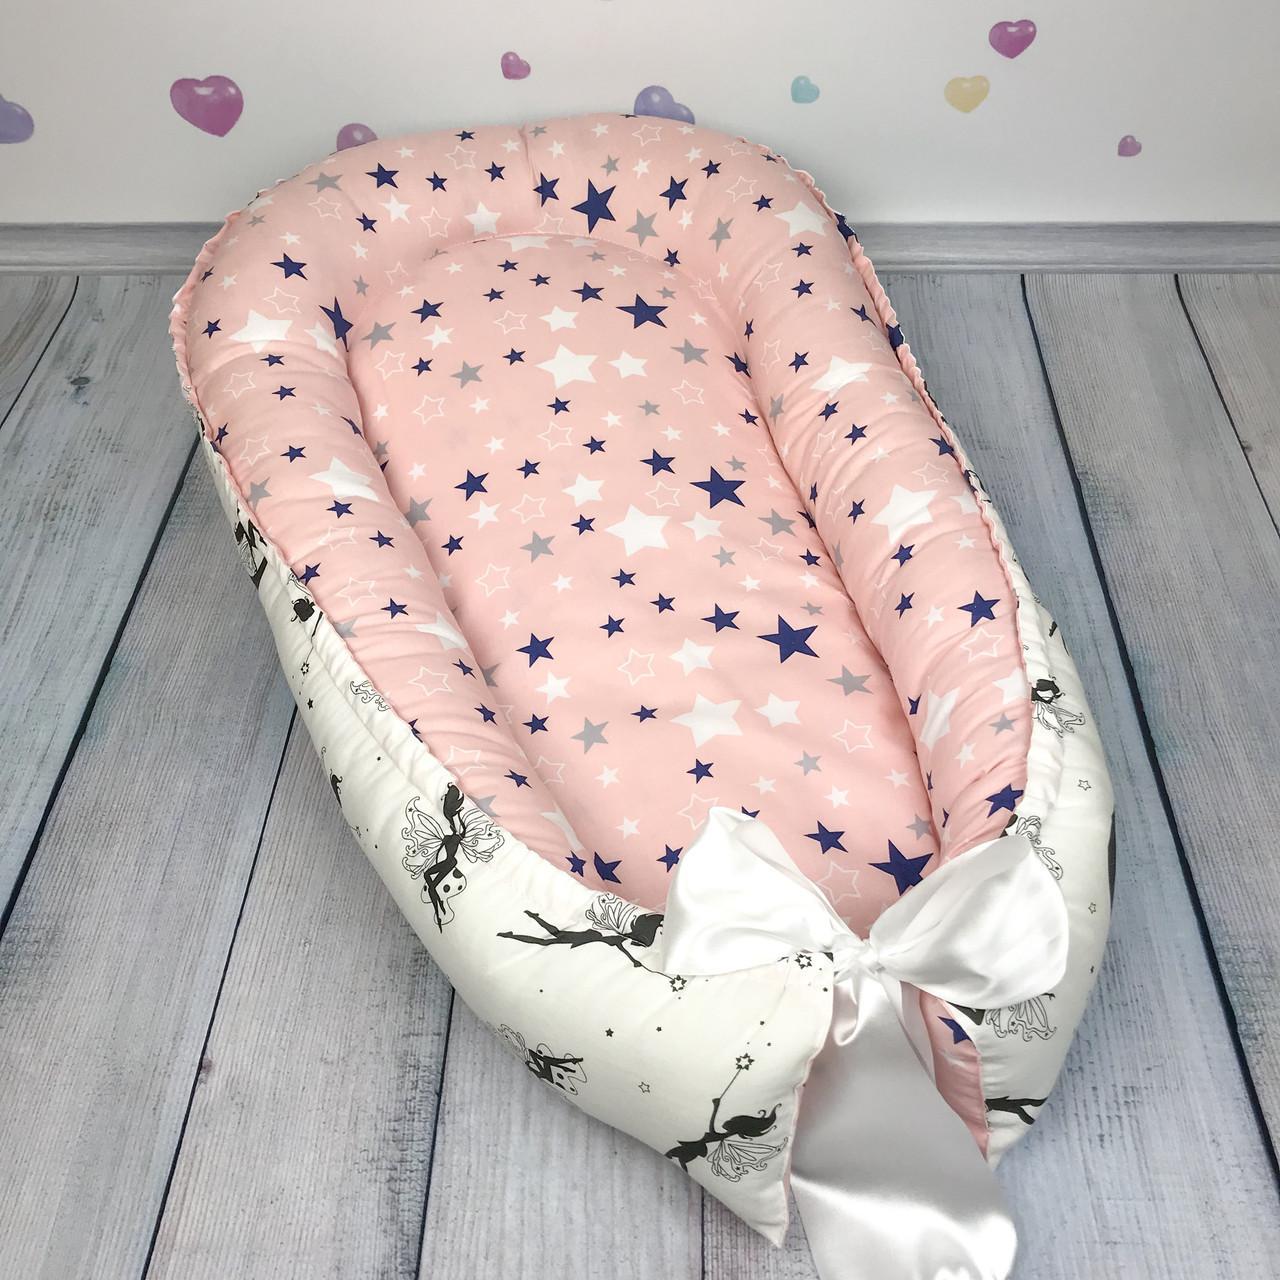 """Кокон-гнёздышко для новорожденного """"Звёздные Феи"""" с поролоновым матрасом"""